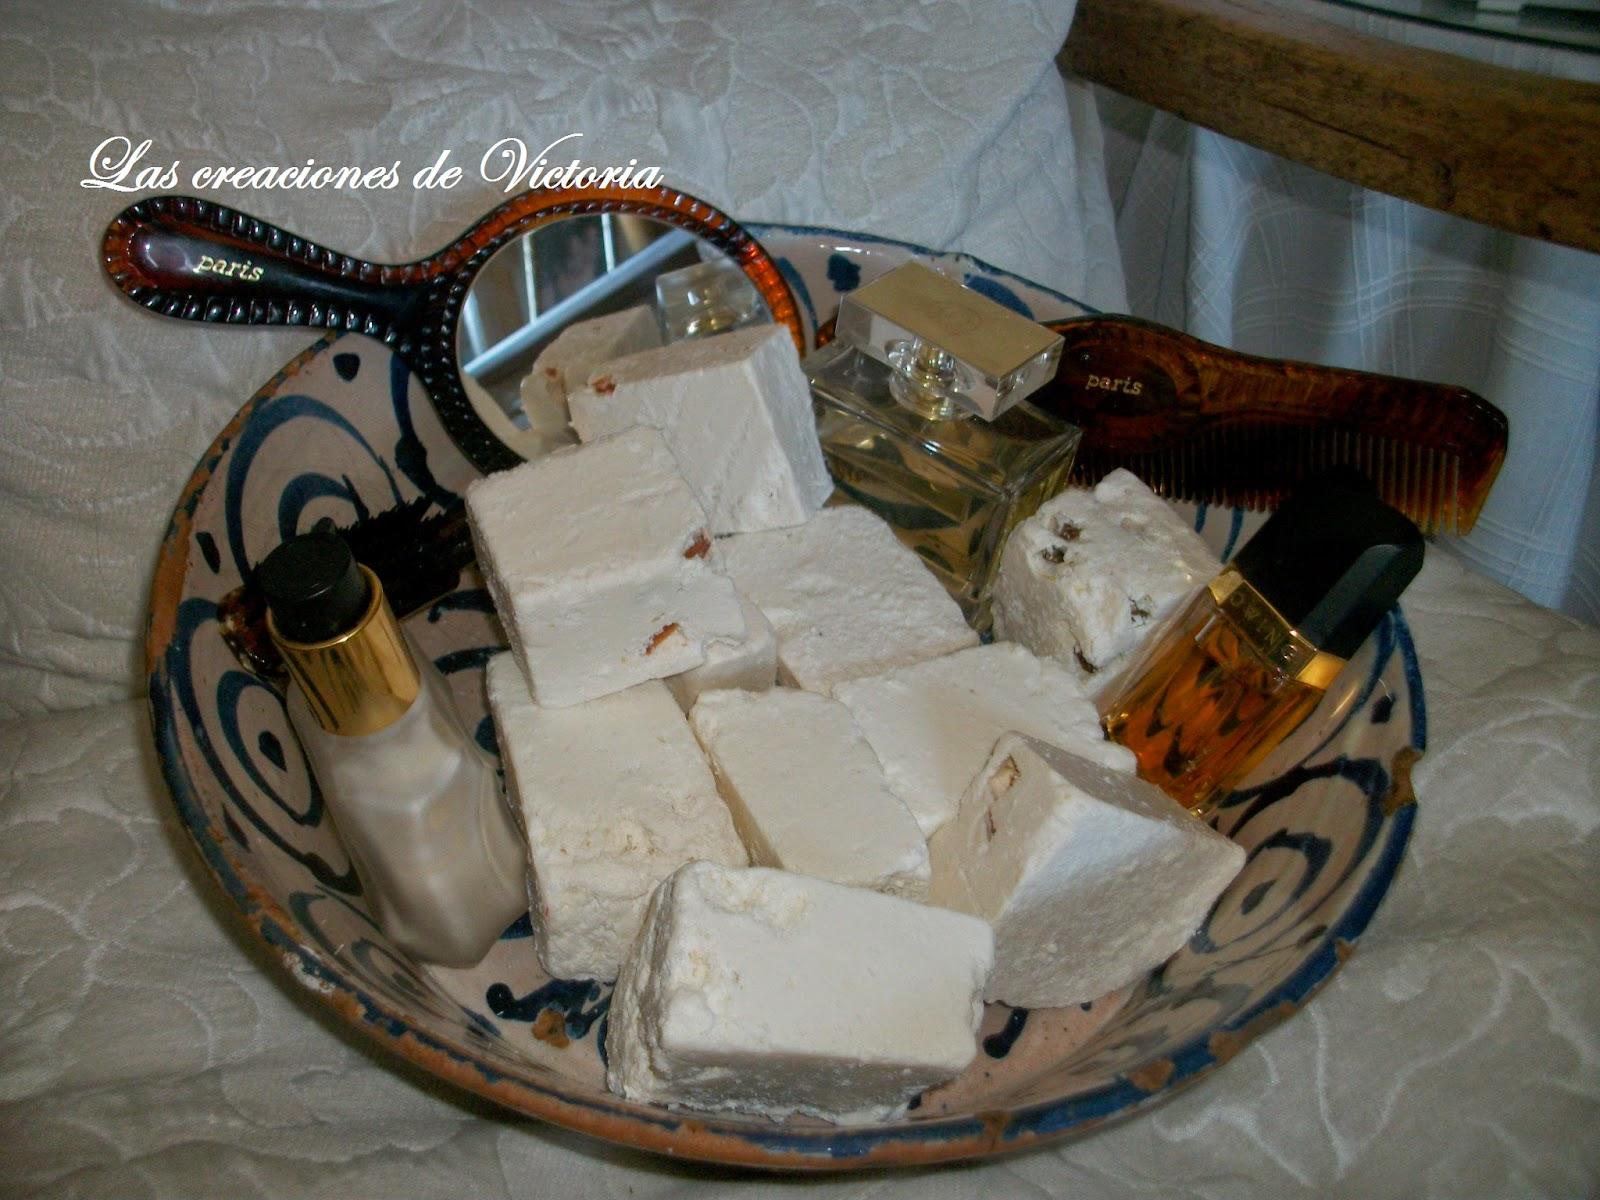 Las creaciones de Victoria.Reutilizar.Reciclar.Jabón casero con aceite usado.